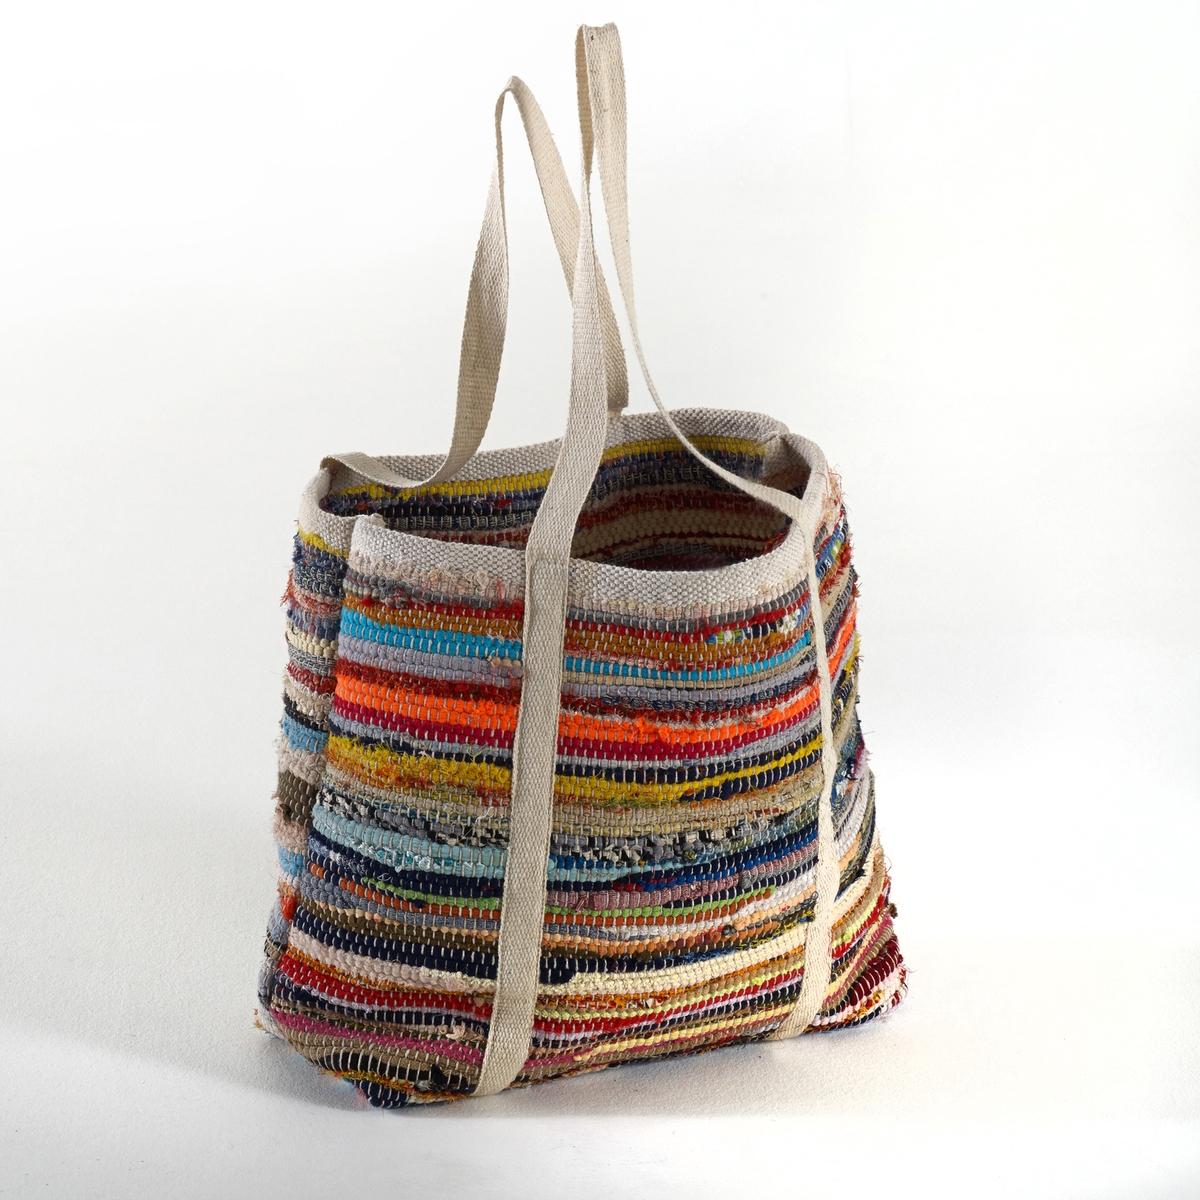 Сумка из вторичного хлопка KopaxiСостоящая в основном из переработанного хлопка сумка Kopaxi пленит вас своими разноцветными полосками, которые добавят яркий штрих в ваш интерьер и поднимут настроение во время прогулок. Состав сумки Kopaxi: 90% хлопка, 10% других волокон.Каждая сумка сделана вручную из вторичного материала, уникальность товара объясняет неидентичность цвета разных сумок.Размеры сумки Kopaxi :35 x 35 x 40 см.<br><br>Цвет: разноцветный